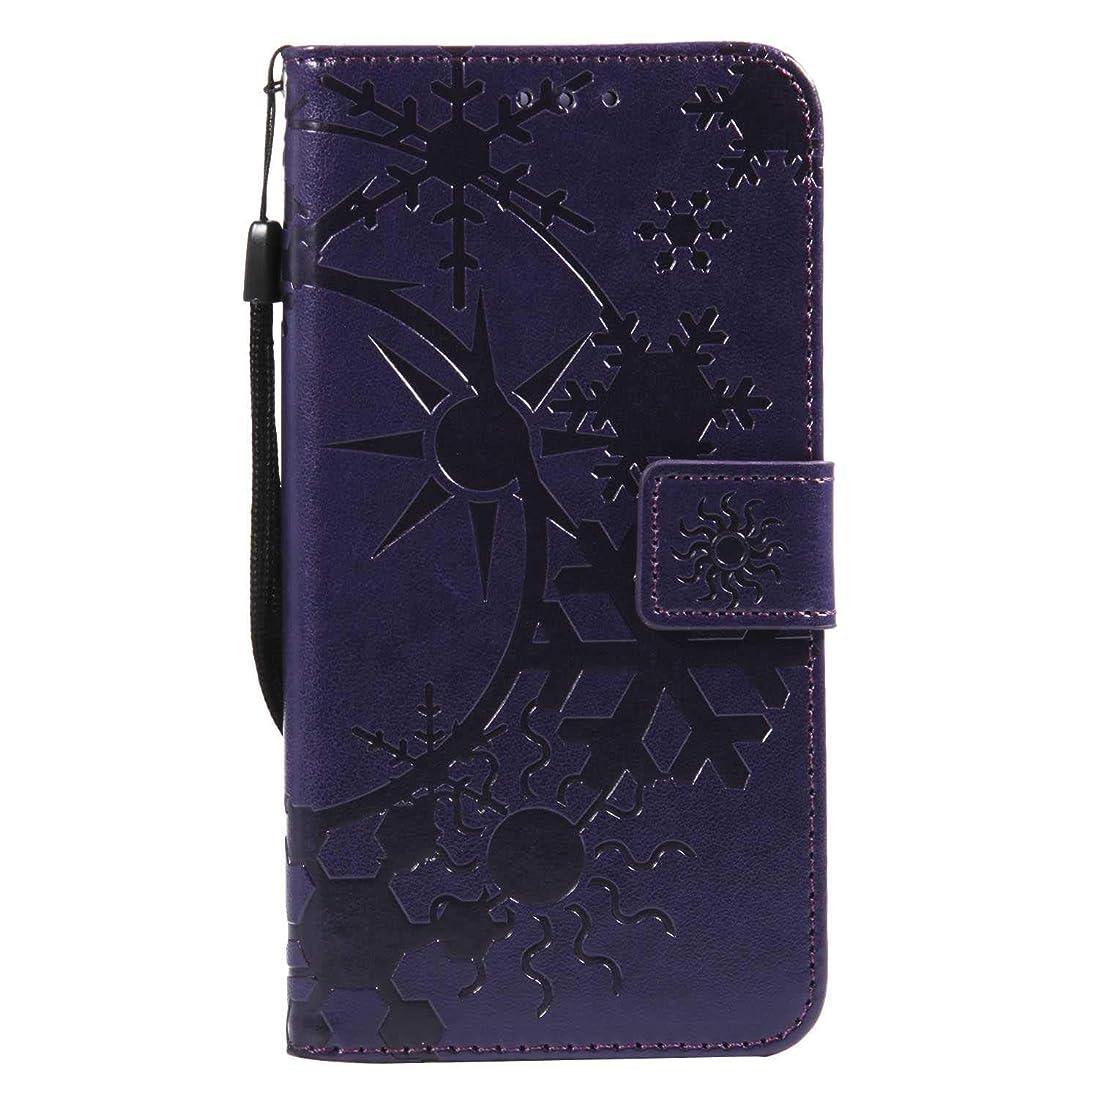 囲む大きなスケールで見ると簡潔なHonor 8 ケース手帳型 OMATENTI レザー 革 薄型 財布型カバー カード入れ スタンド機能, 全面保護 おしゃれ 手帳ケース, 液晶保護 Huawei Honor 8対応, 紫の